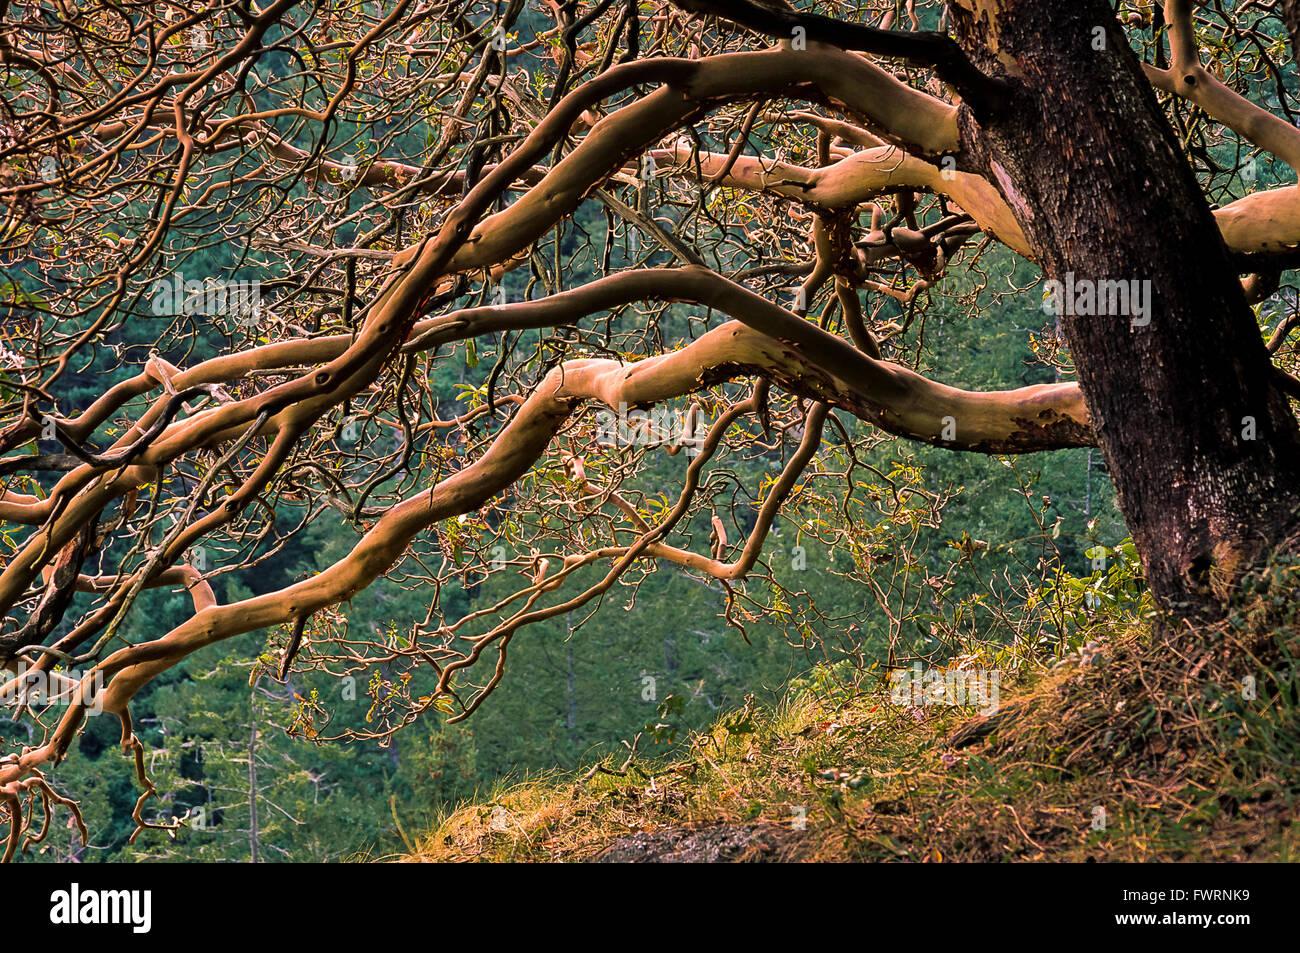 Arbutus menziesii, Deception Pass, Washington, USA - Stock Image